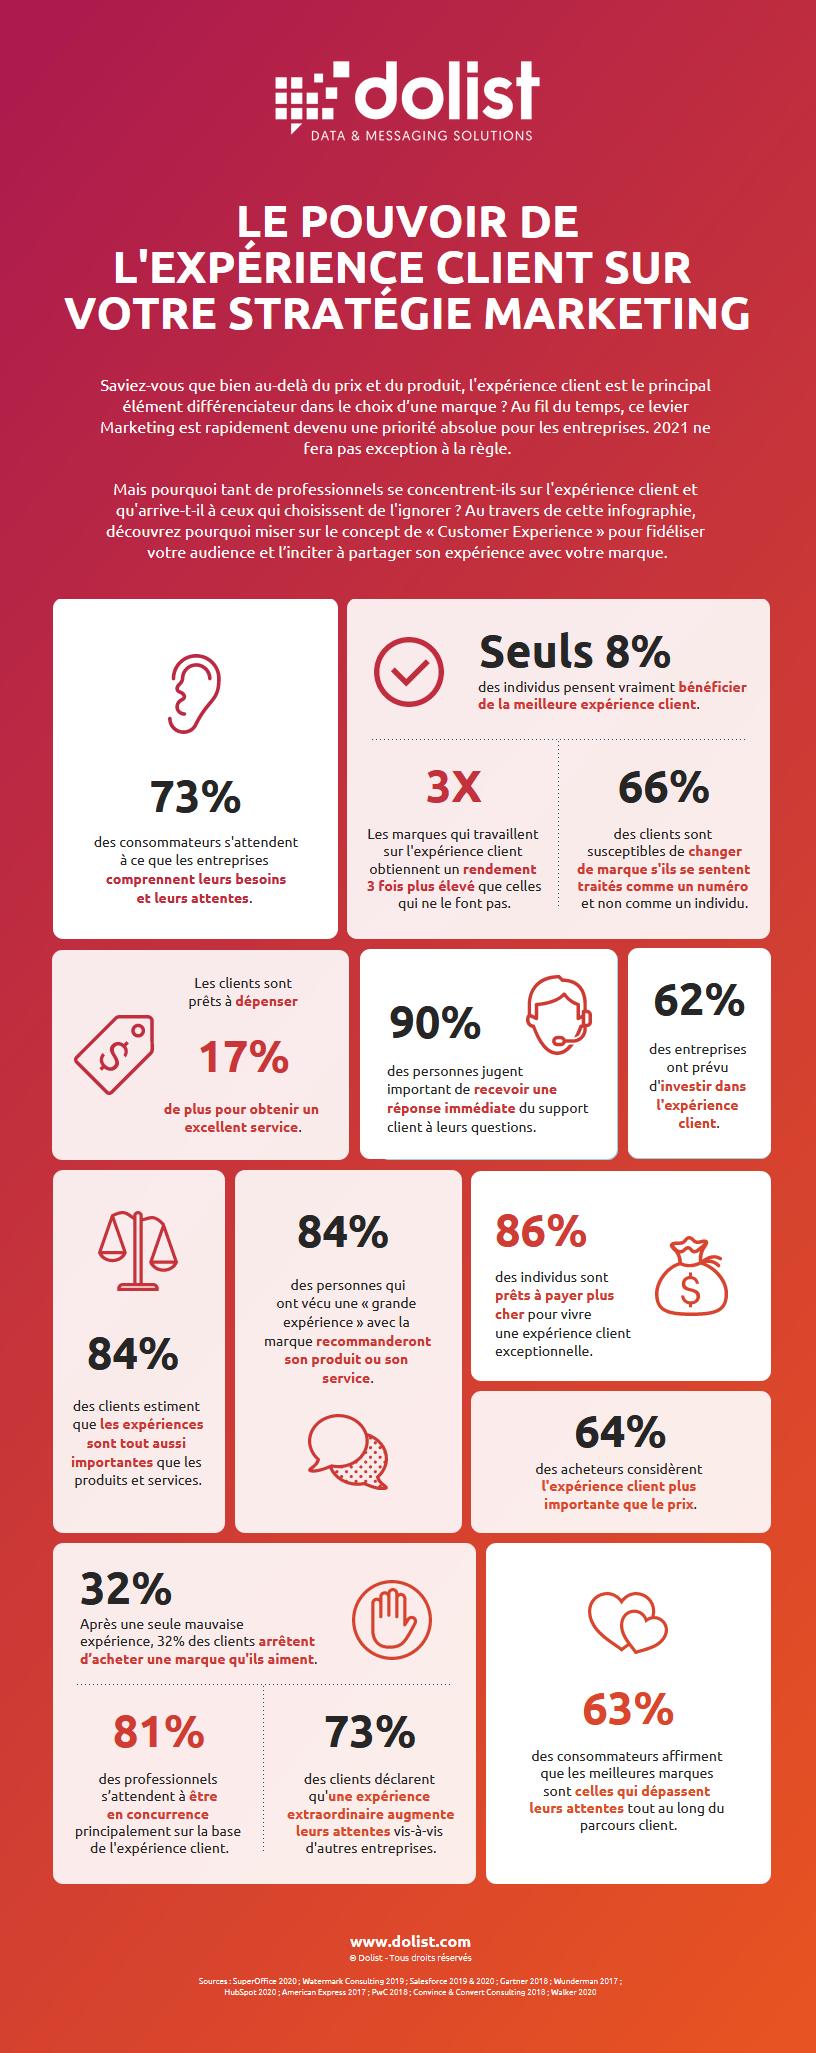 Infographie | Le pouvoir de l'expérience client sur votre stratégie Marketing